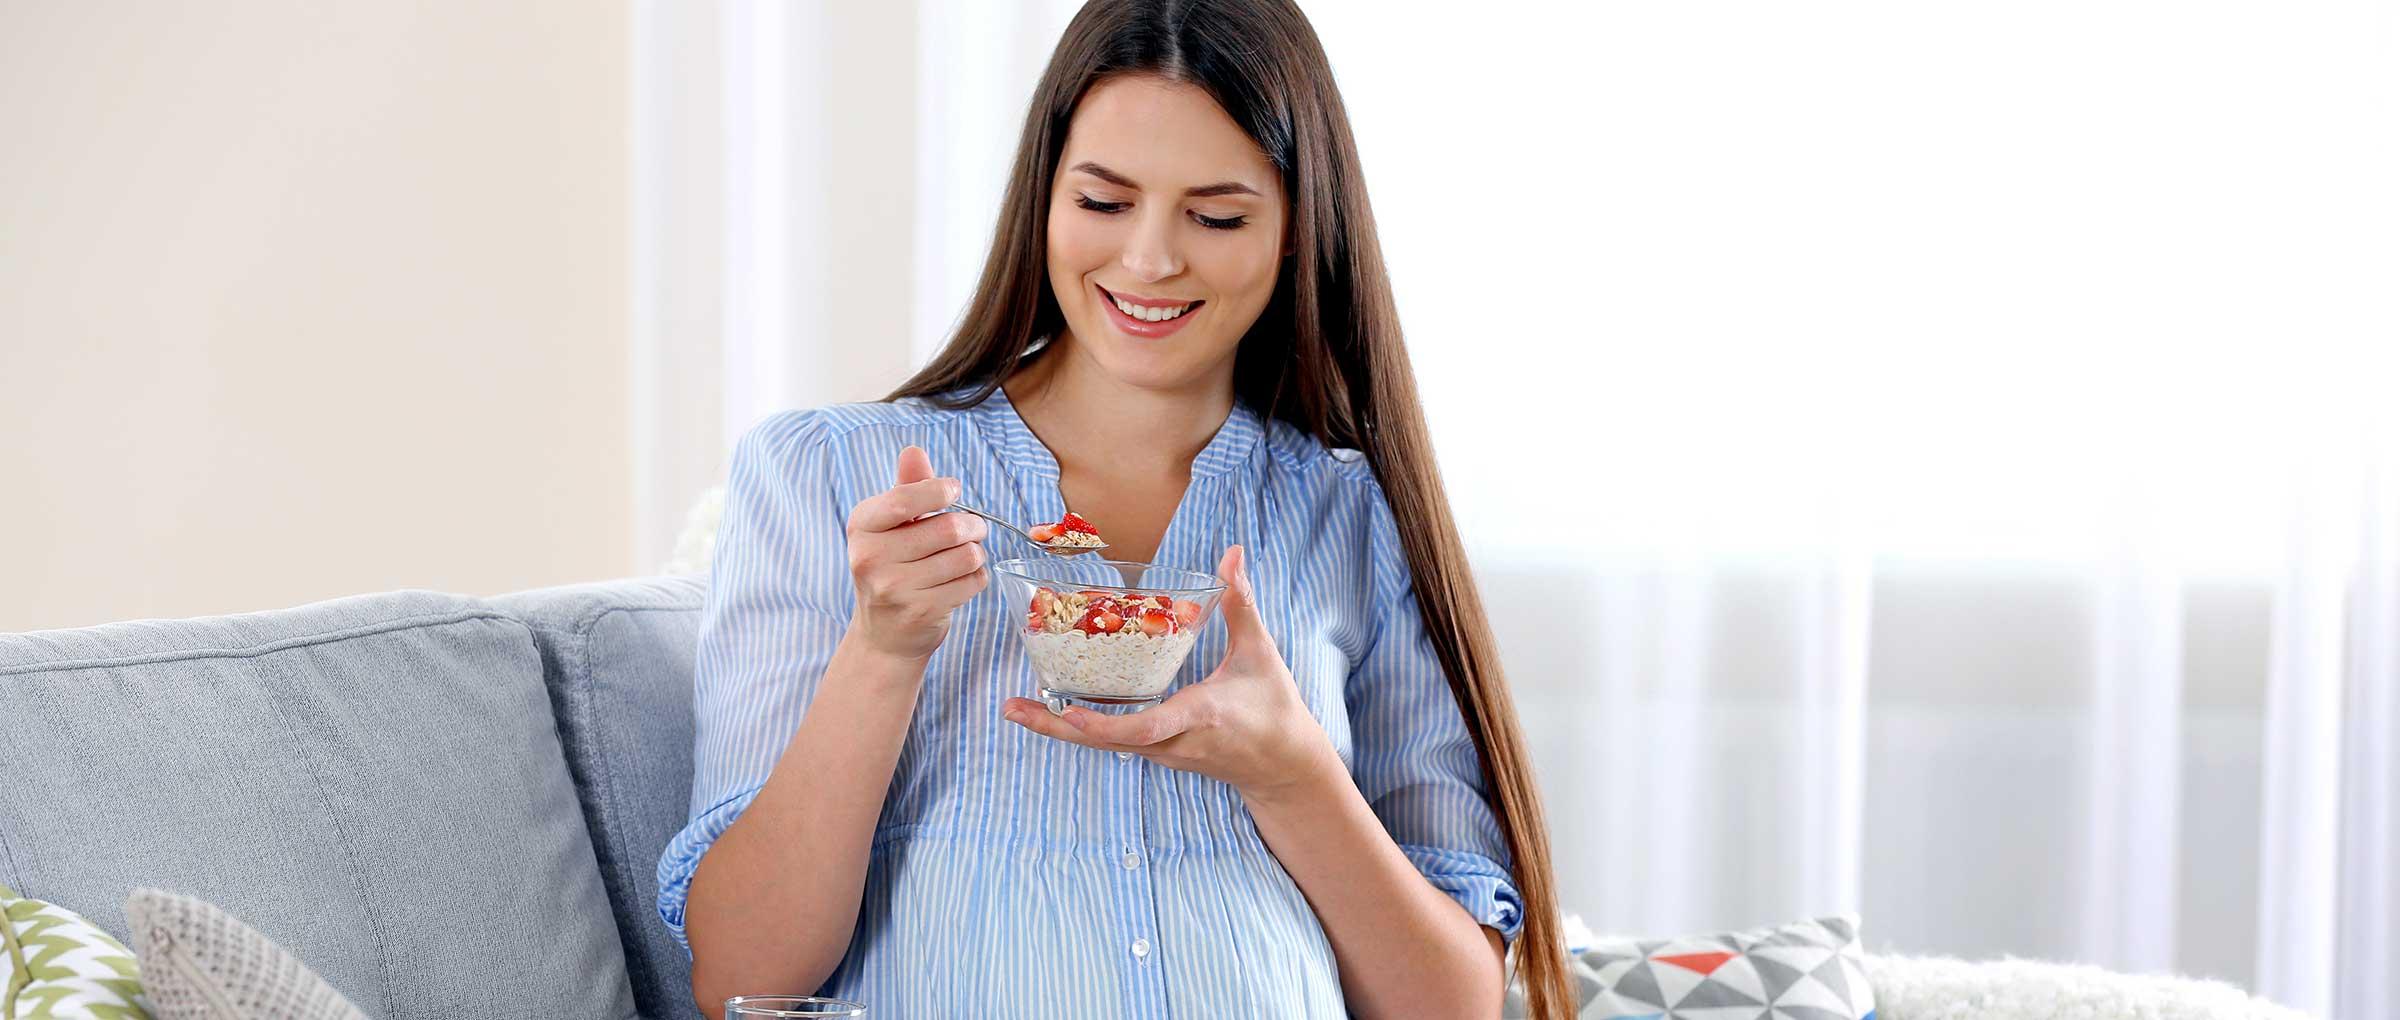 ¿Qué alimentos debe tomar una mujer embarazada?